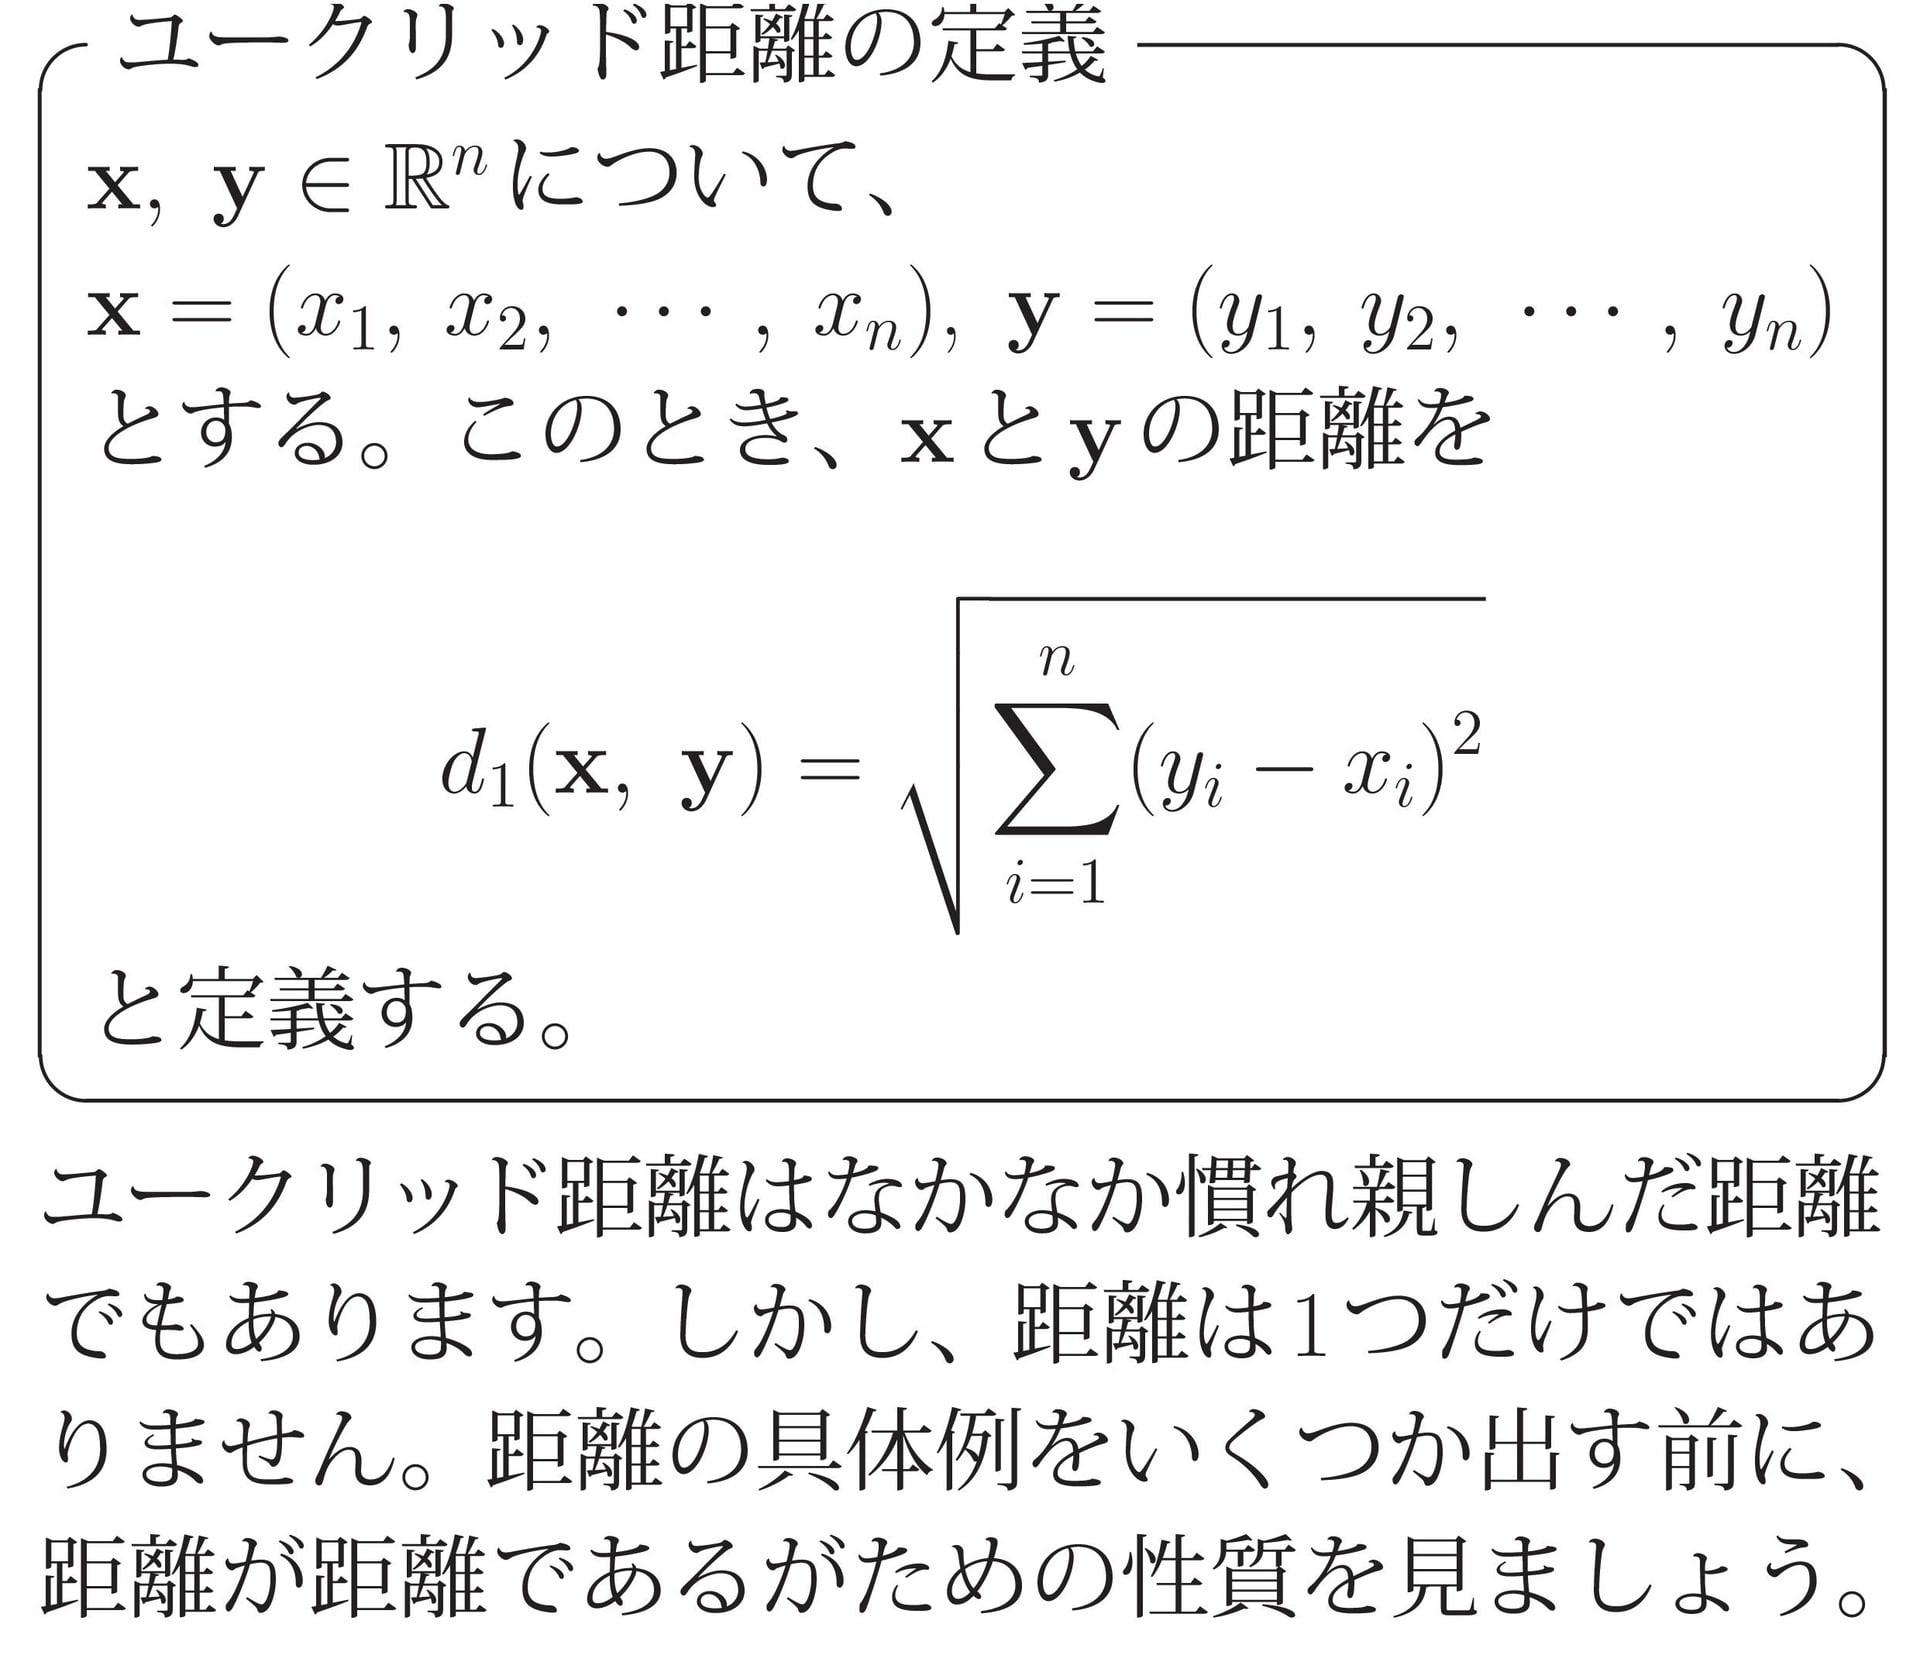 距離空間 - Metric space